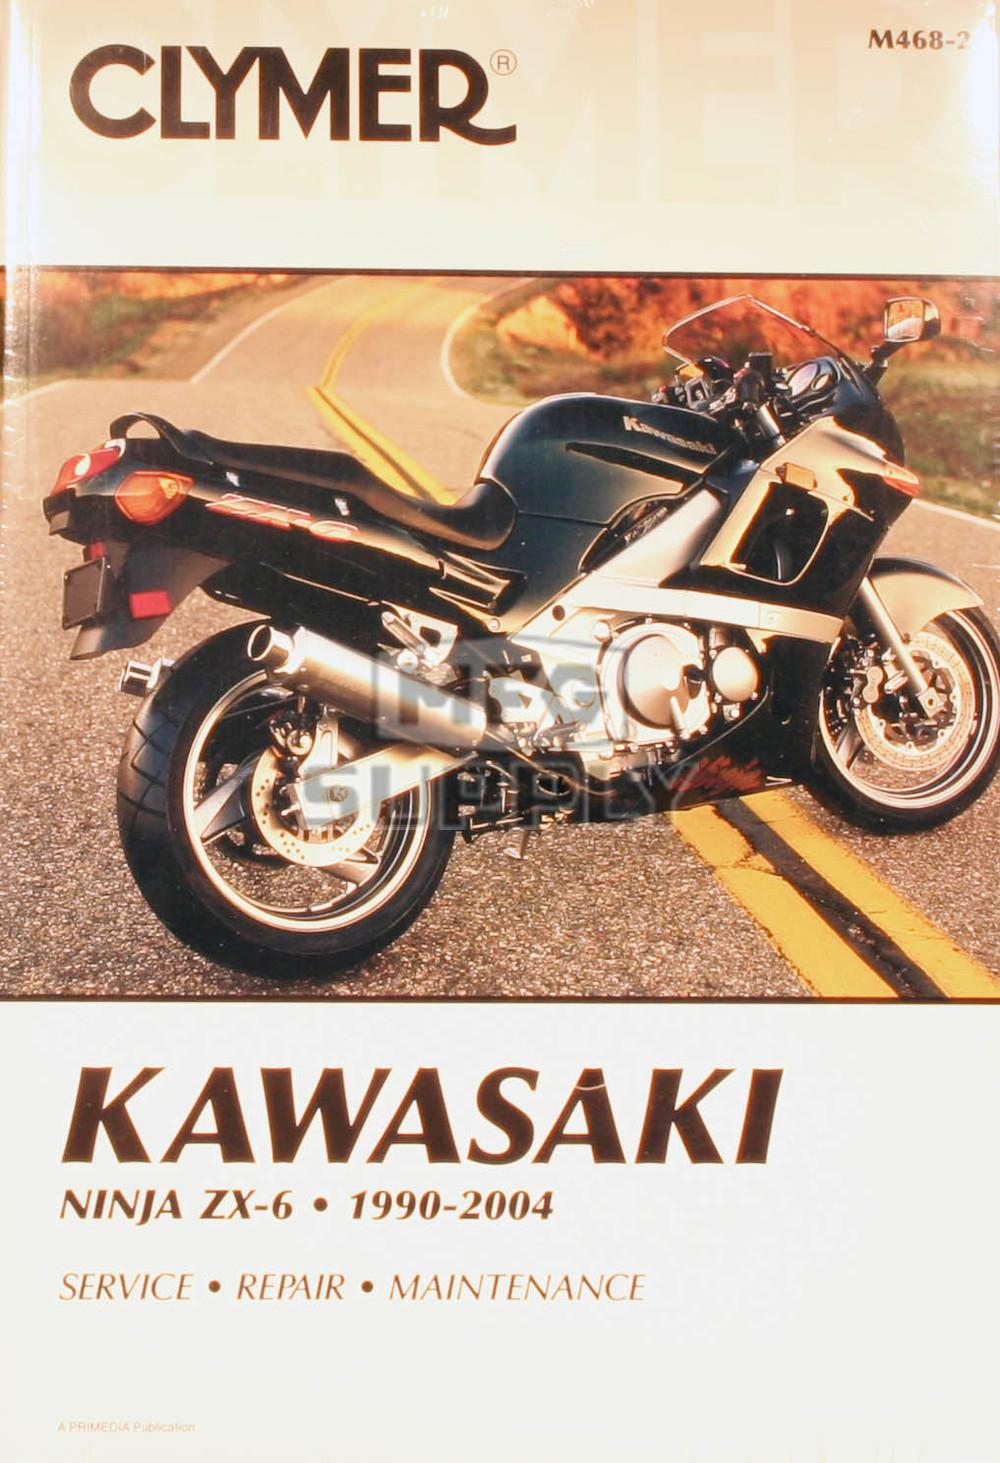 CM468 - 90-04 Kawasaki Ninja ZX-6 Repair & Maintenance manual